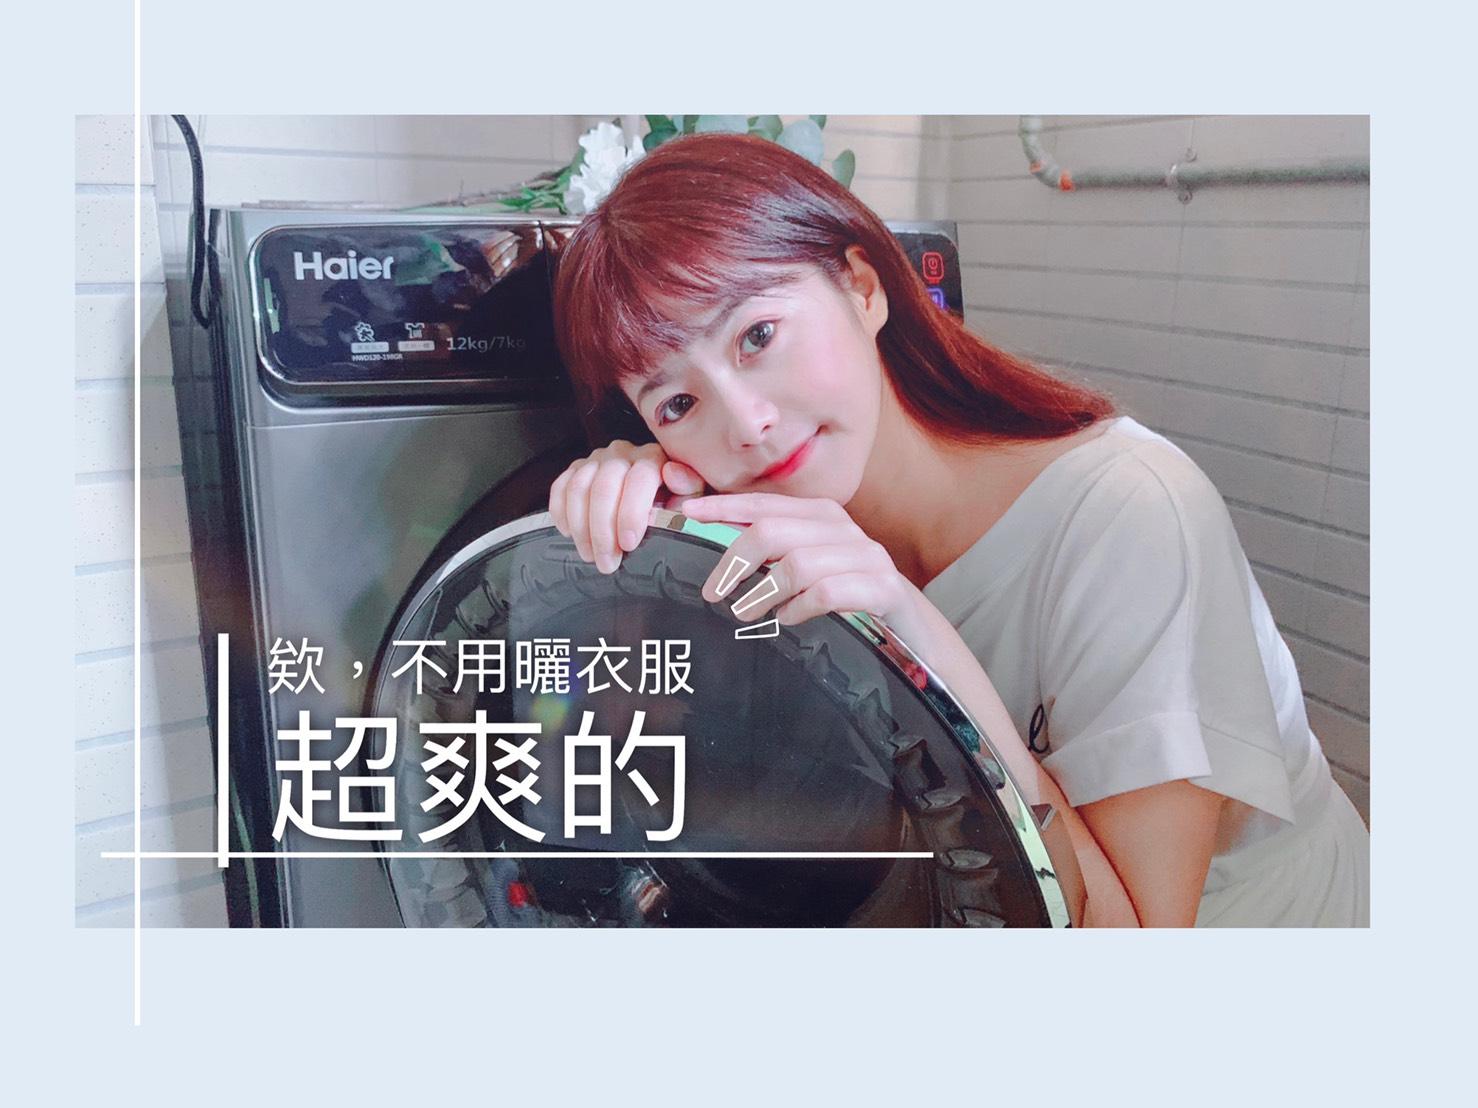 洗脫烘推薦-海爾洗脫烘洗衣機HWD198-GR,小家庭、單身貴族懶人居家必備好物。